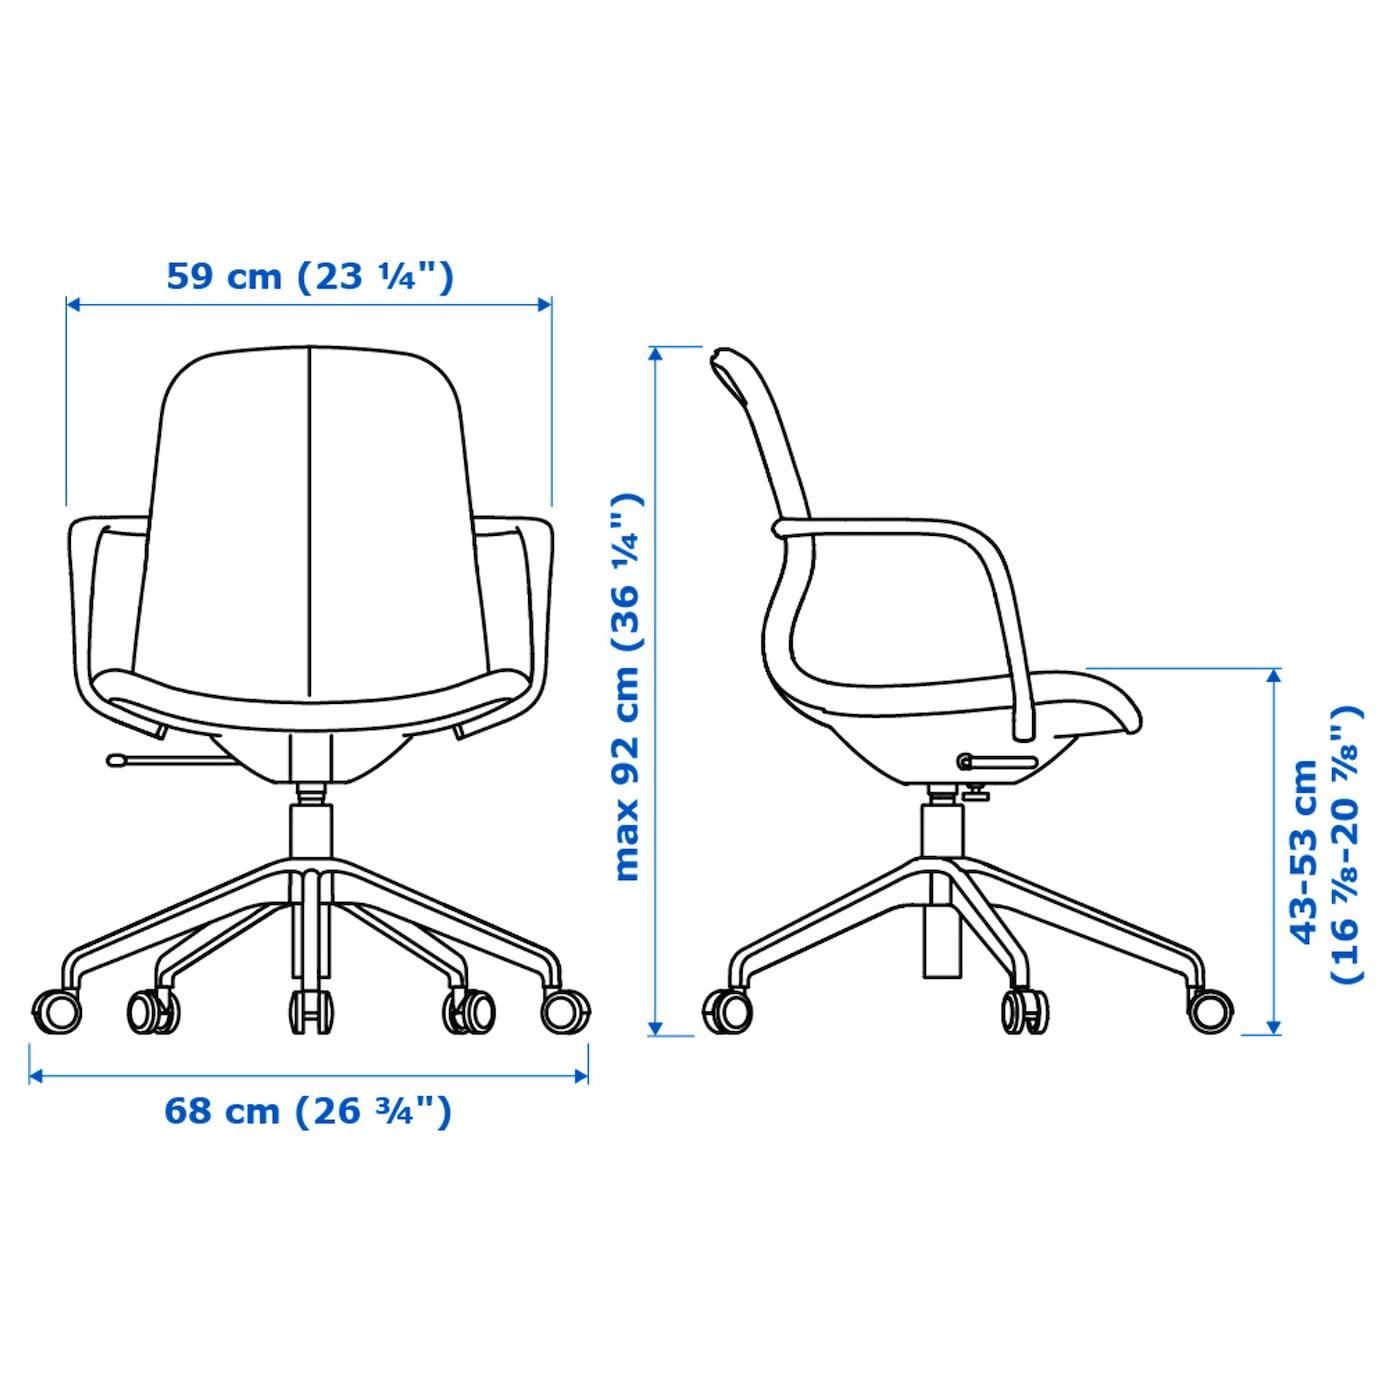 LÅNGFJÄLL Office chair with armrests Gunnared dark grey, black